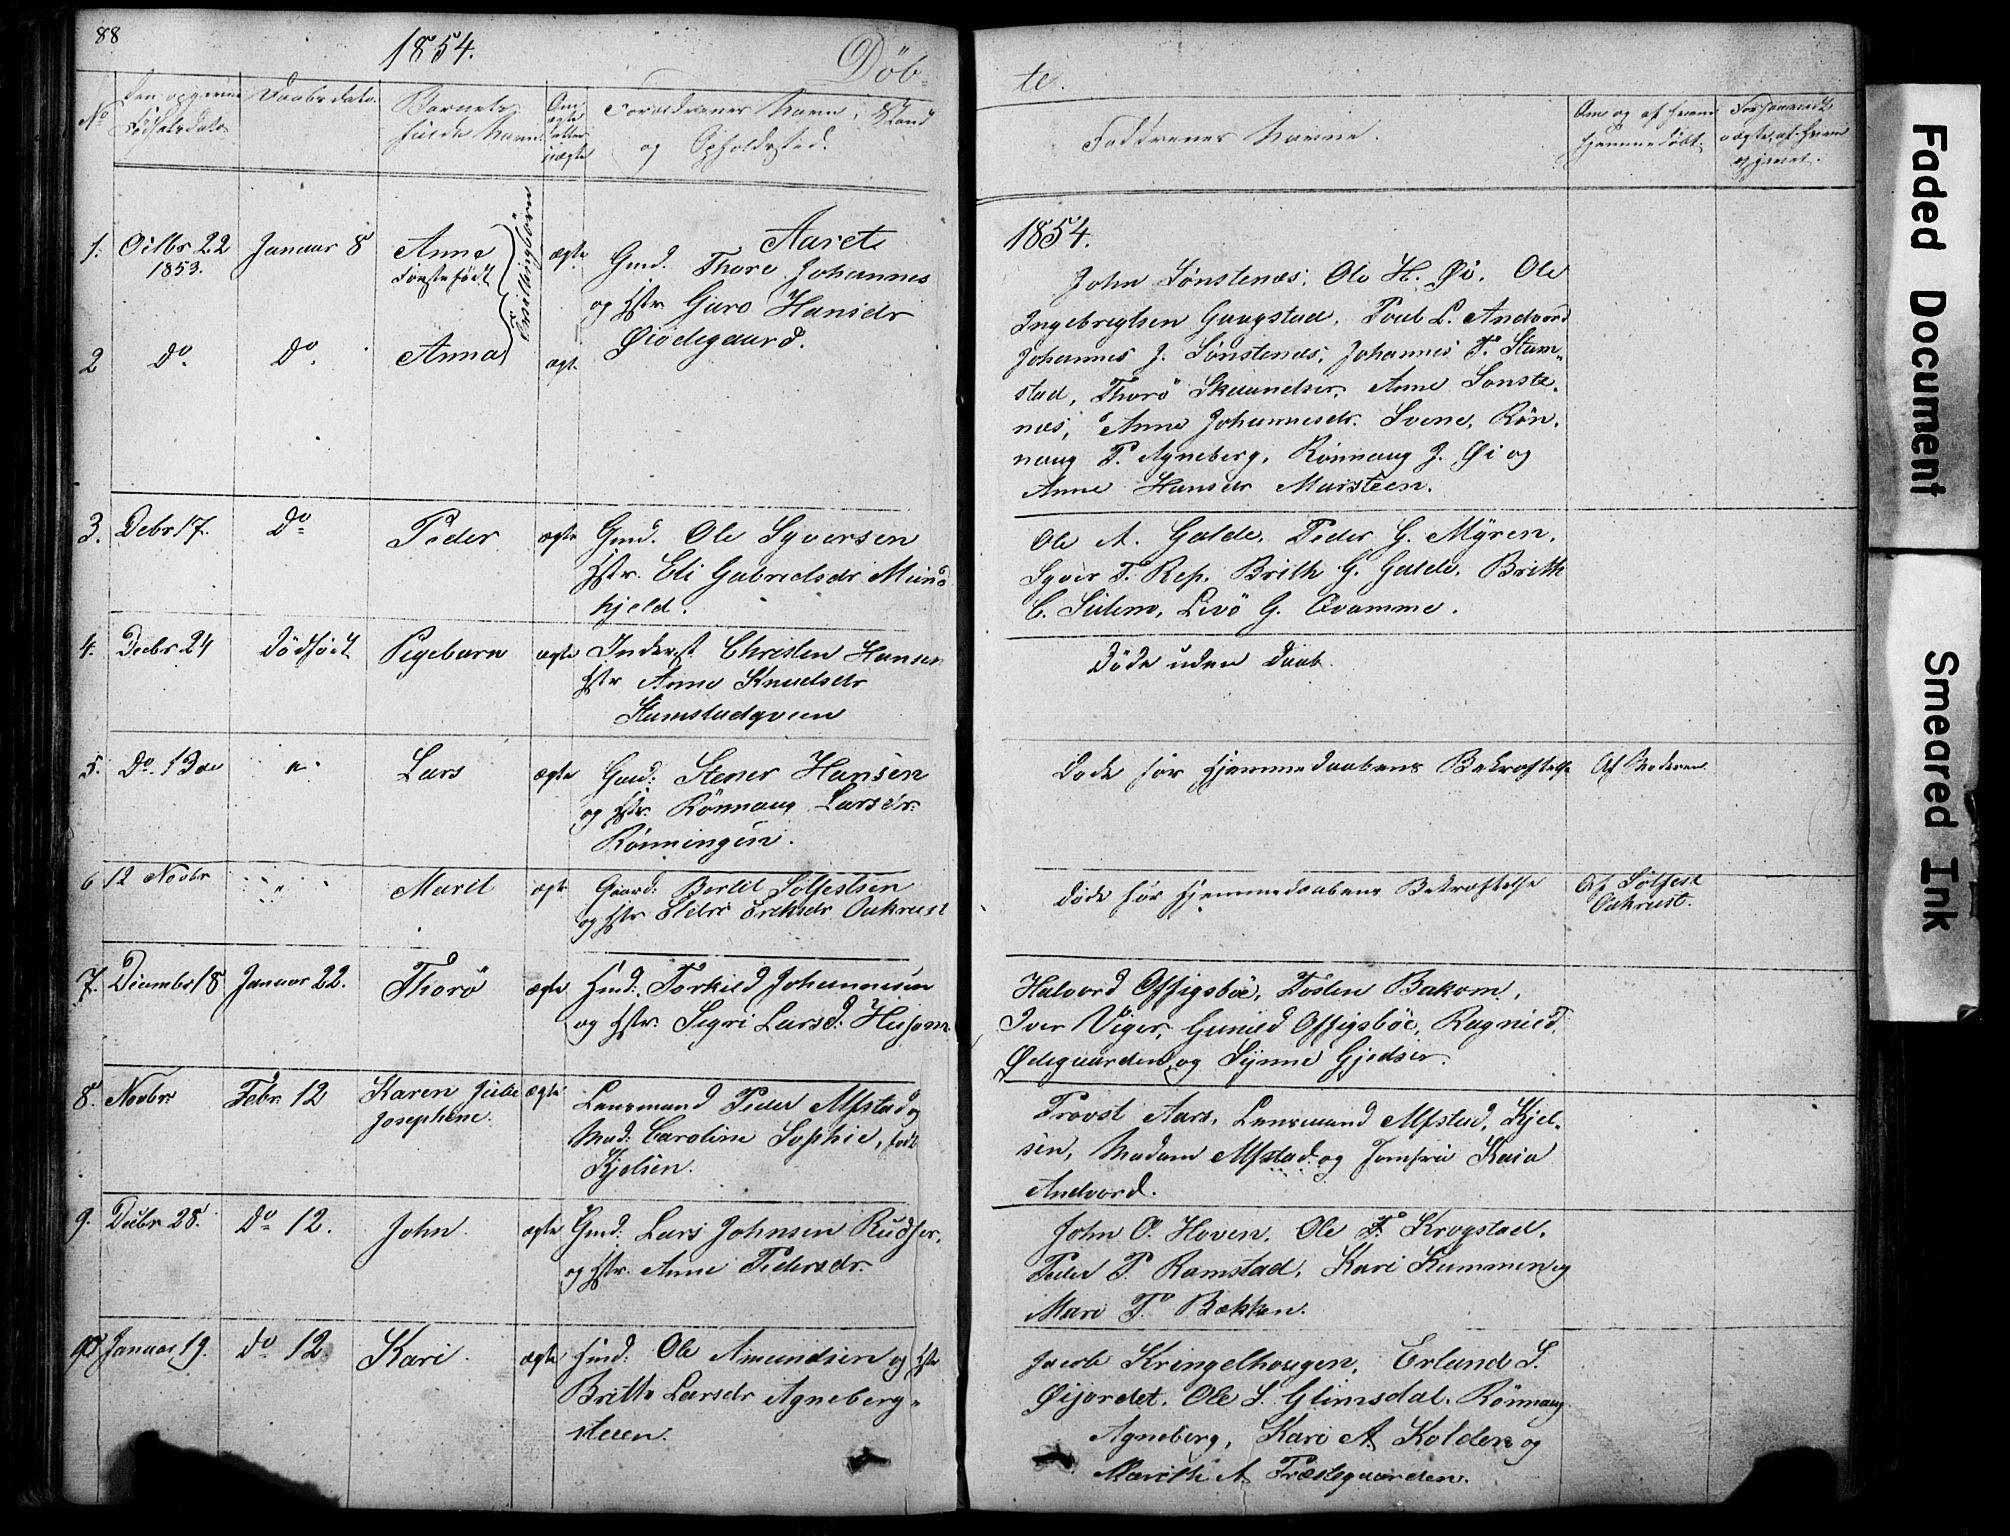 SAH, Lom prestekontor, L/L0012: Klokkerbok nr. 12, 1845-1873, s. 88-89